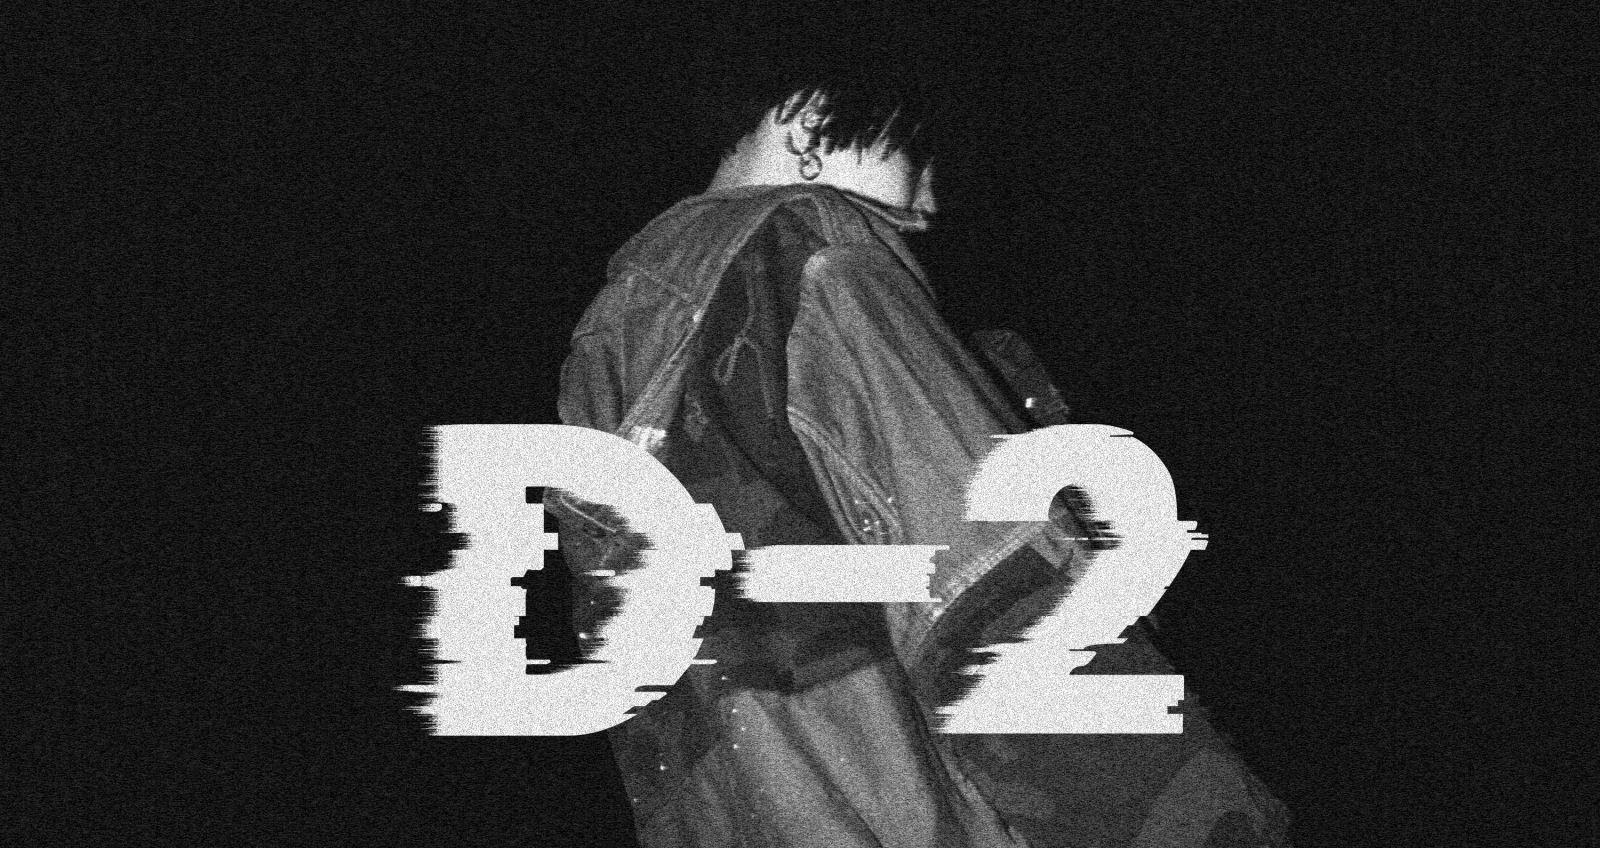 Mặc kệ lùm xùm gây tranh cãi, toàn bộ track trong mixtape mới của Suga (BTS) vẫn phủ trọn top 10 BXH Billboard